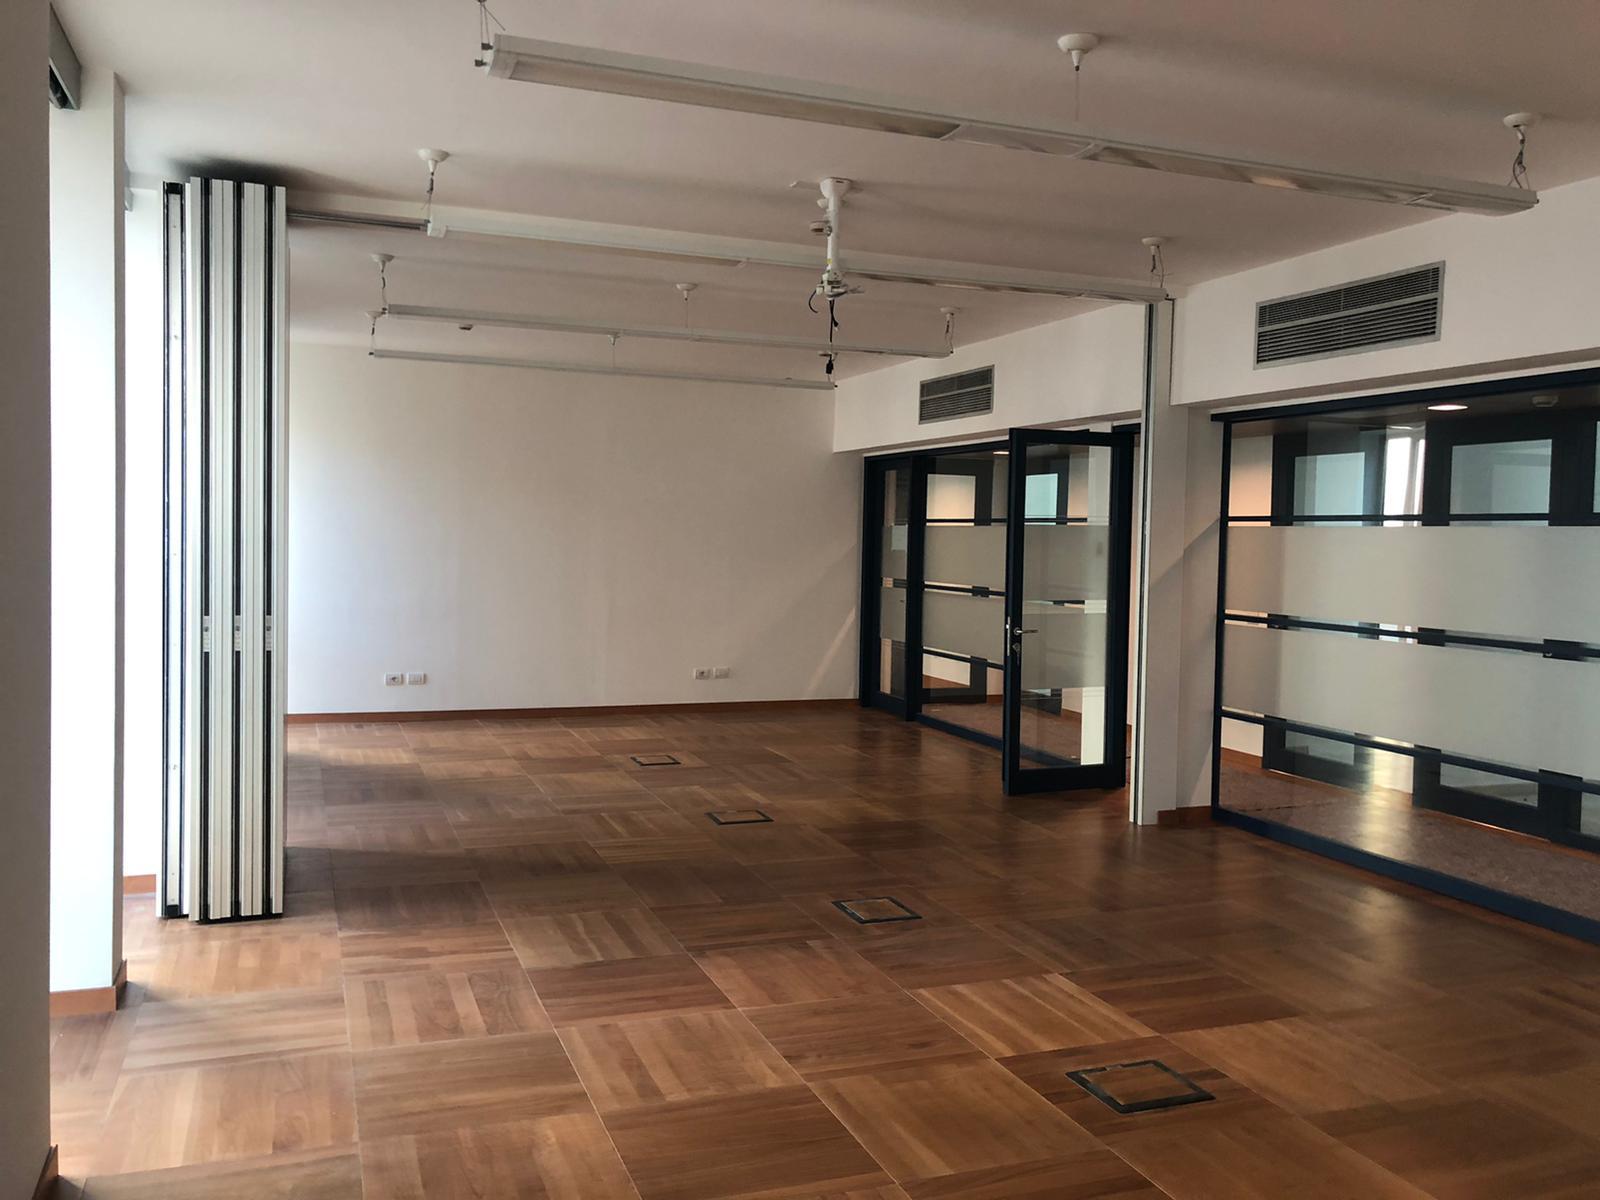 7. Corridoio uffici in parquet di legno posati a cassettoni regolari, illuminazione led a soffitto con interruttori elettrici a tre moduli: lavori ultimati.